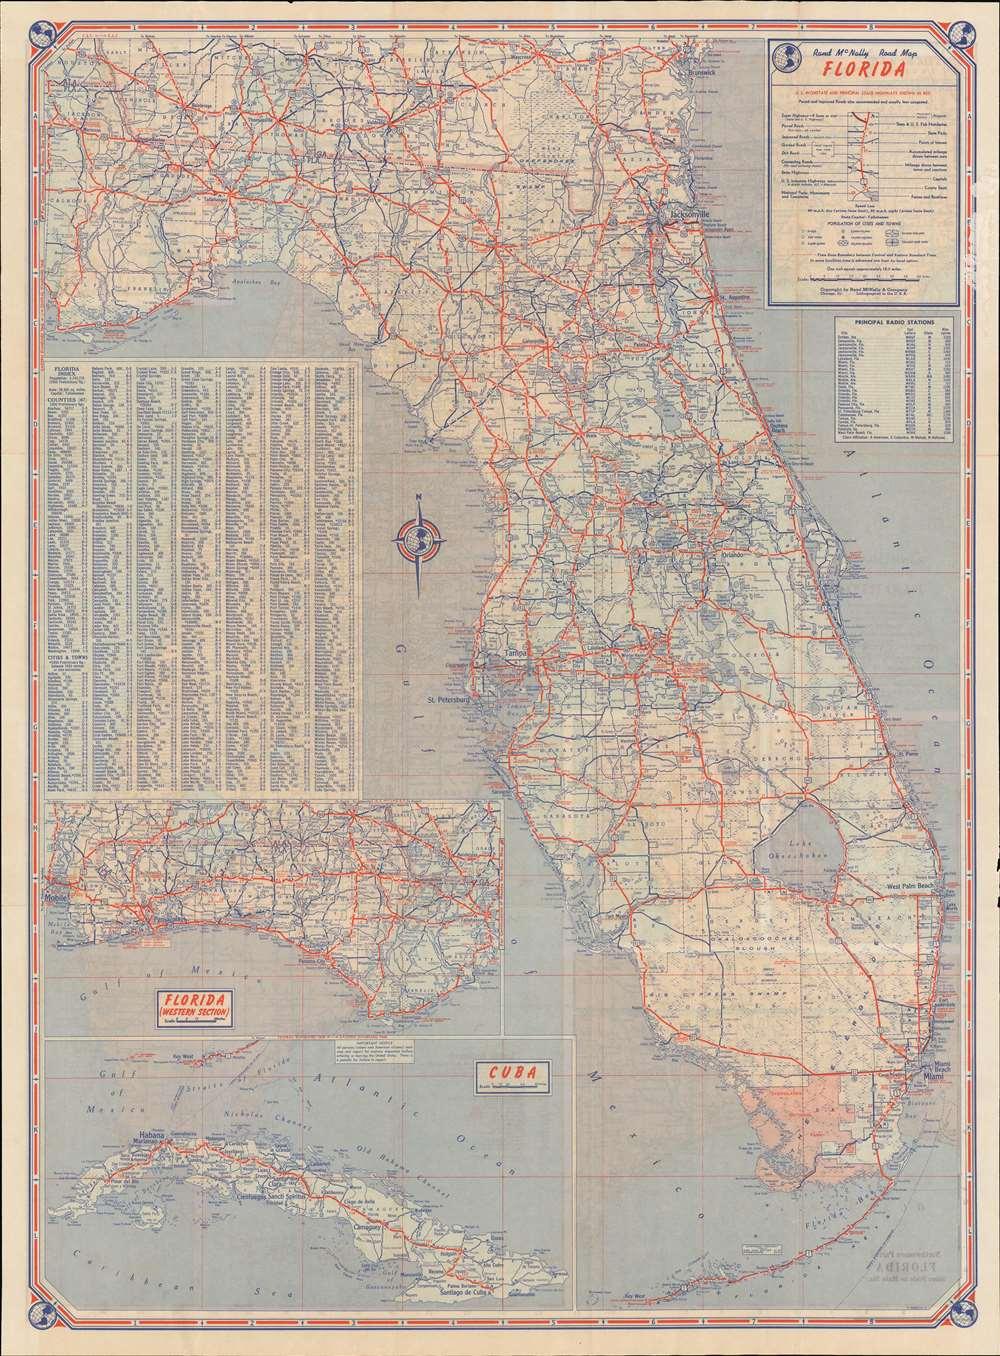 Rand McNally Standard Map of Florida. / Rand McNally Road Map Florida. - Alternate View 1